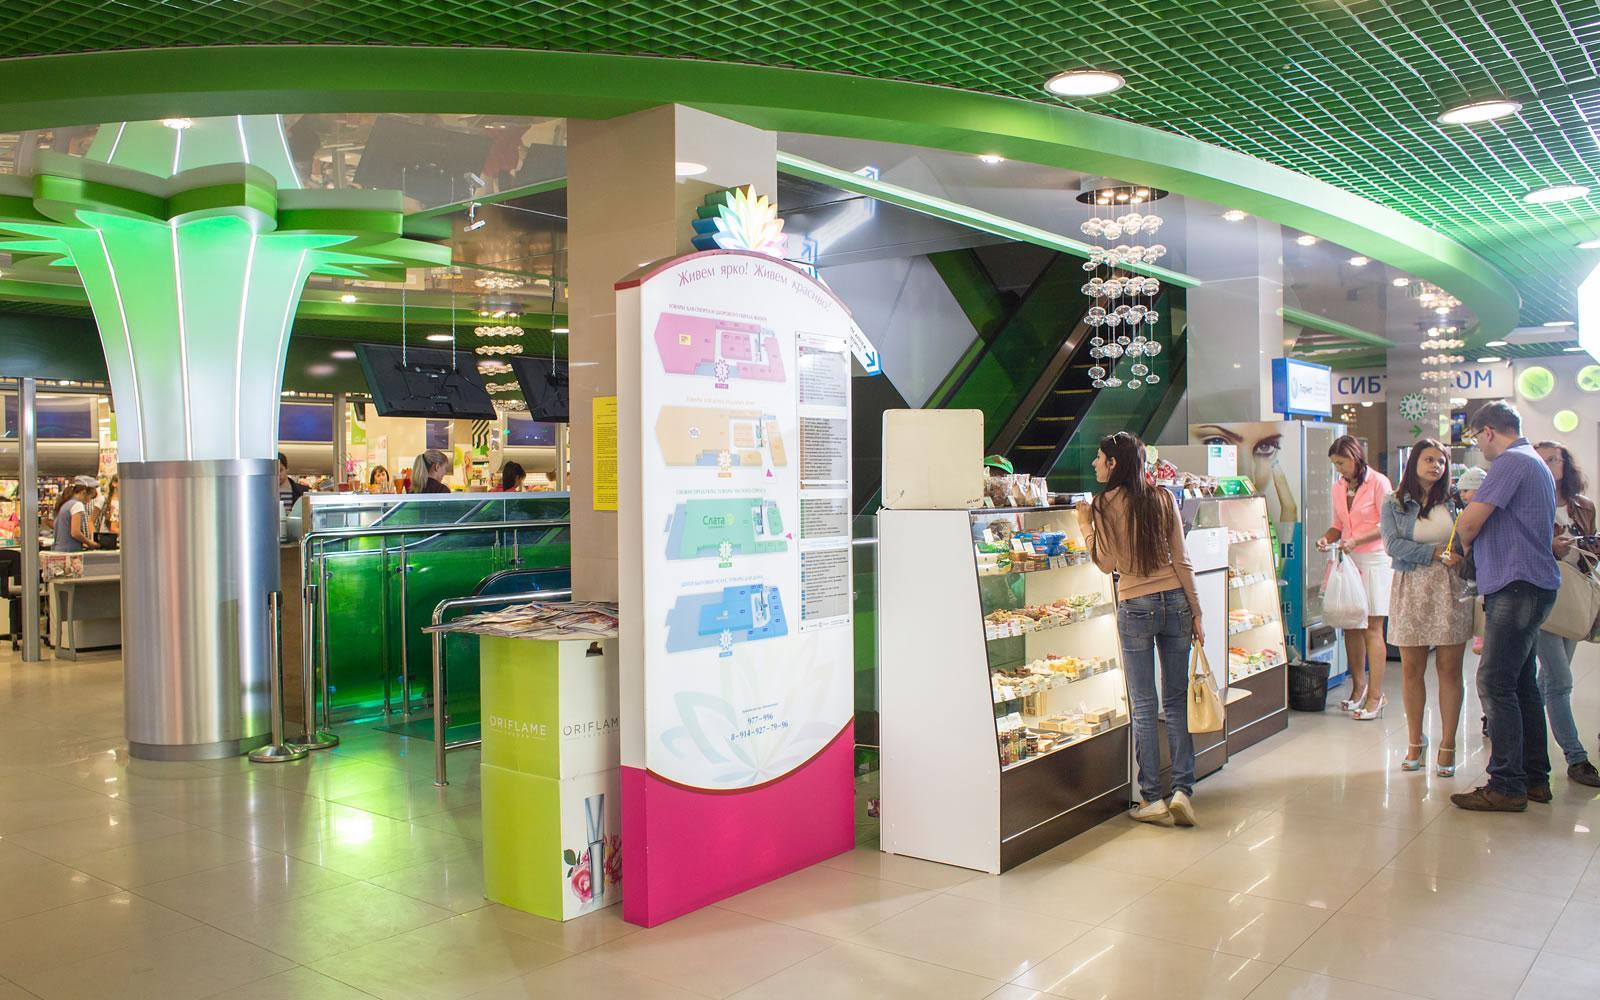 Путеводитель торгового центра «Цветной парк», расположенный на первом этаже